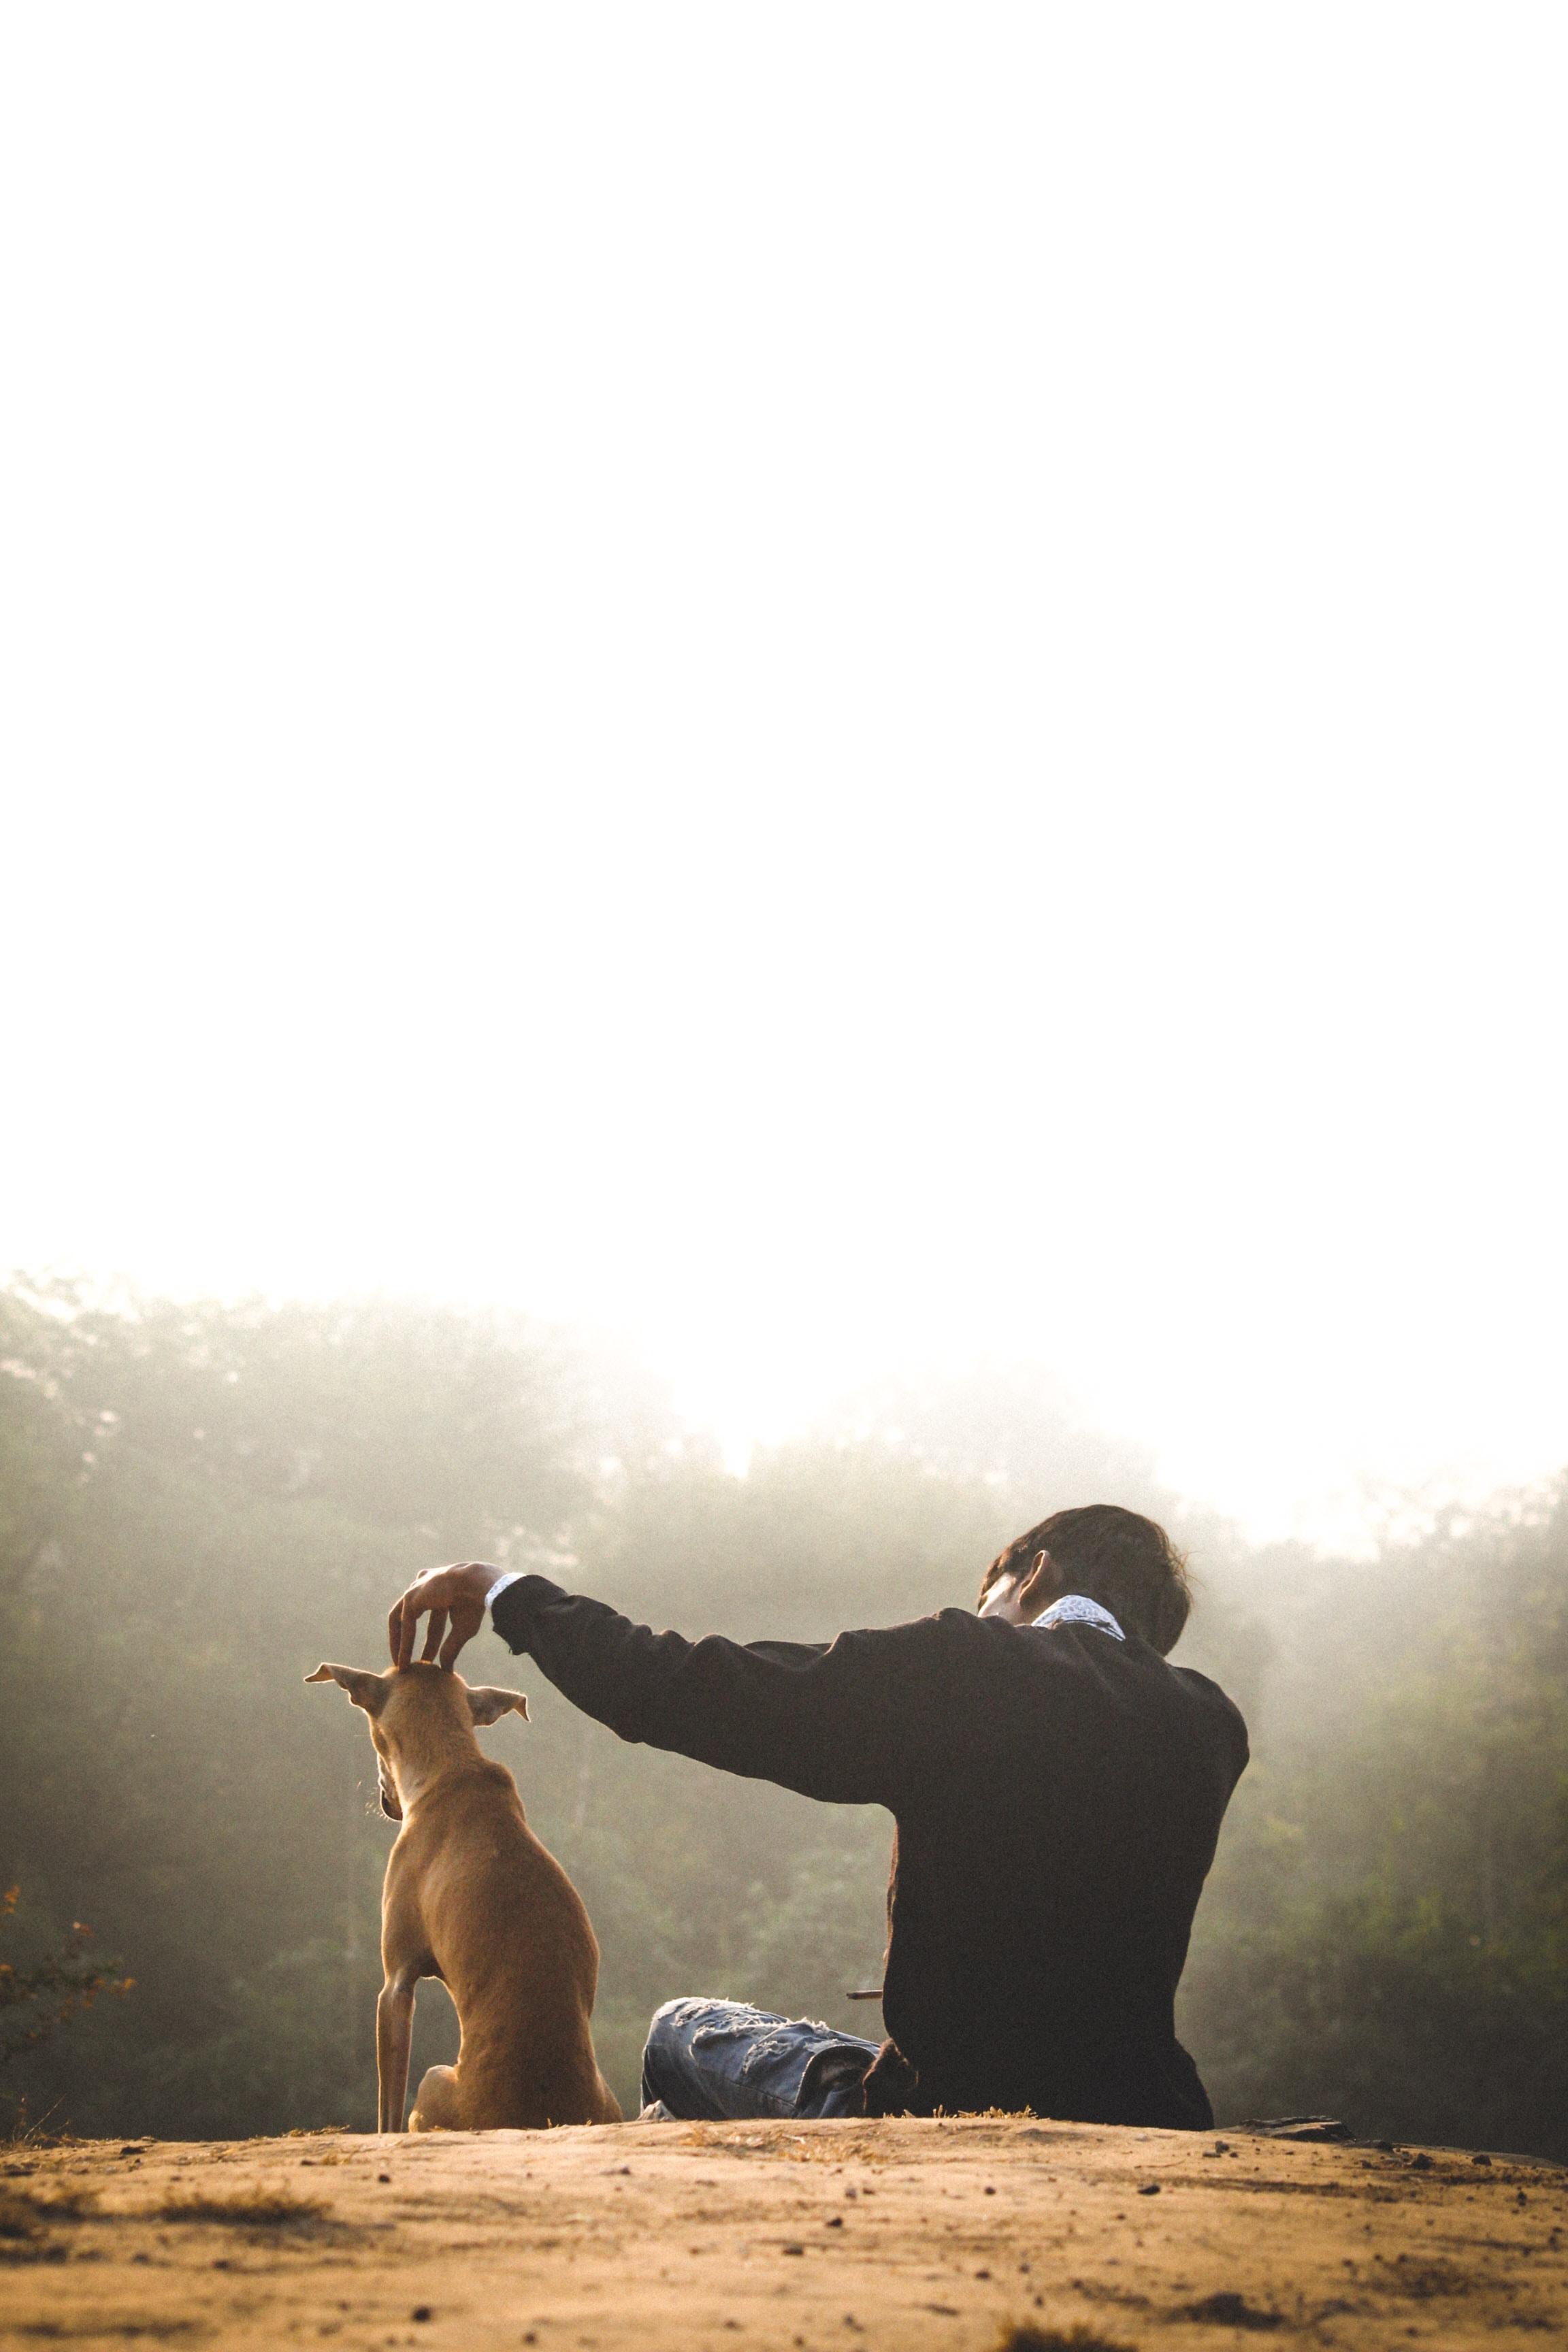 man sitting beside brown dog during daytime